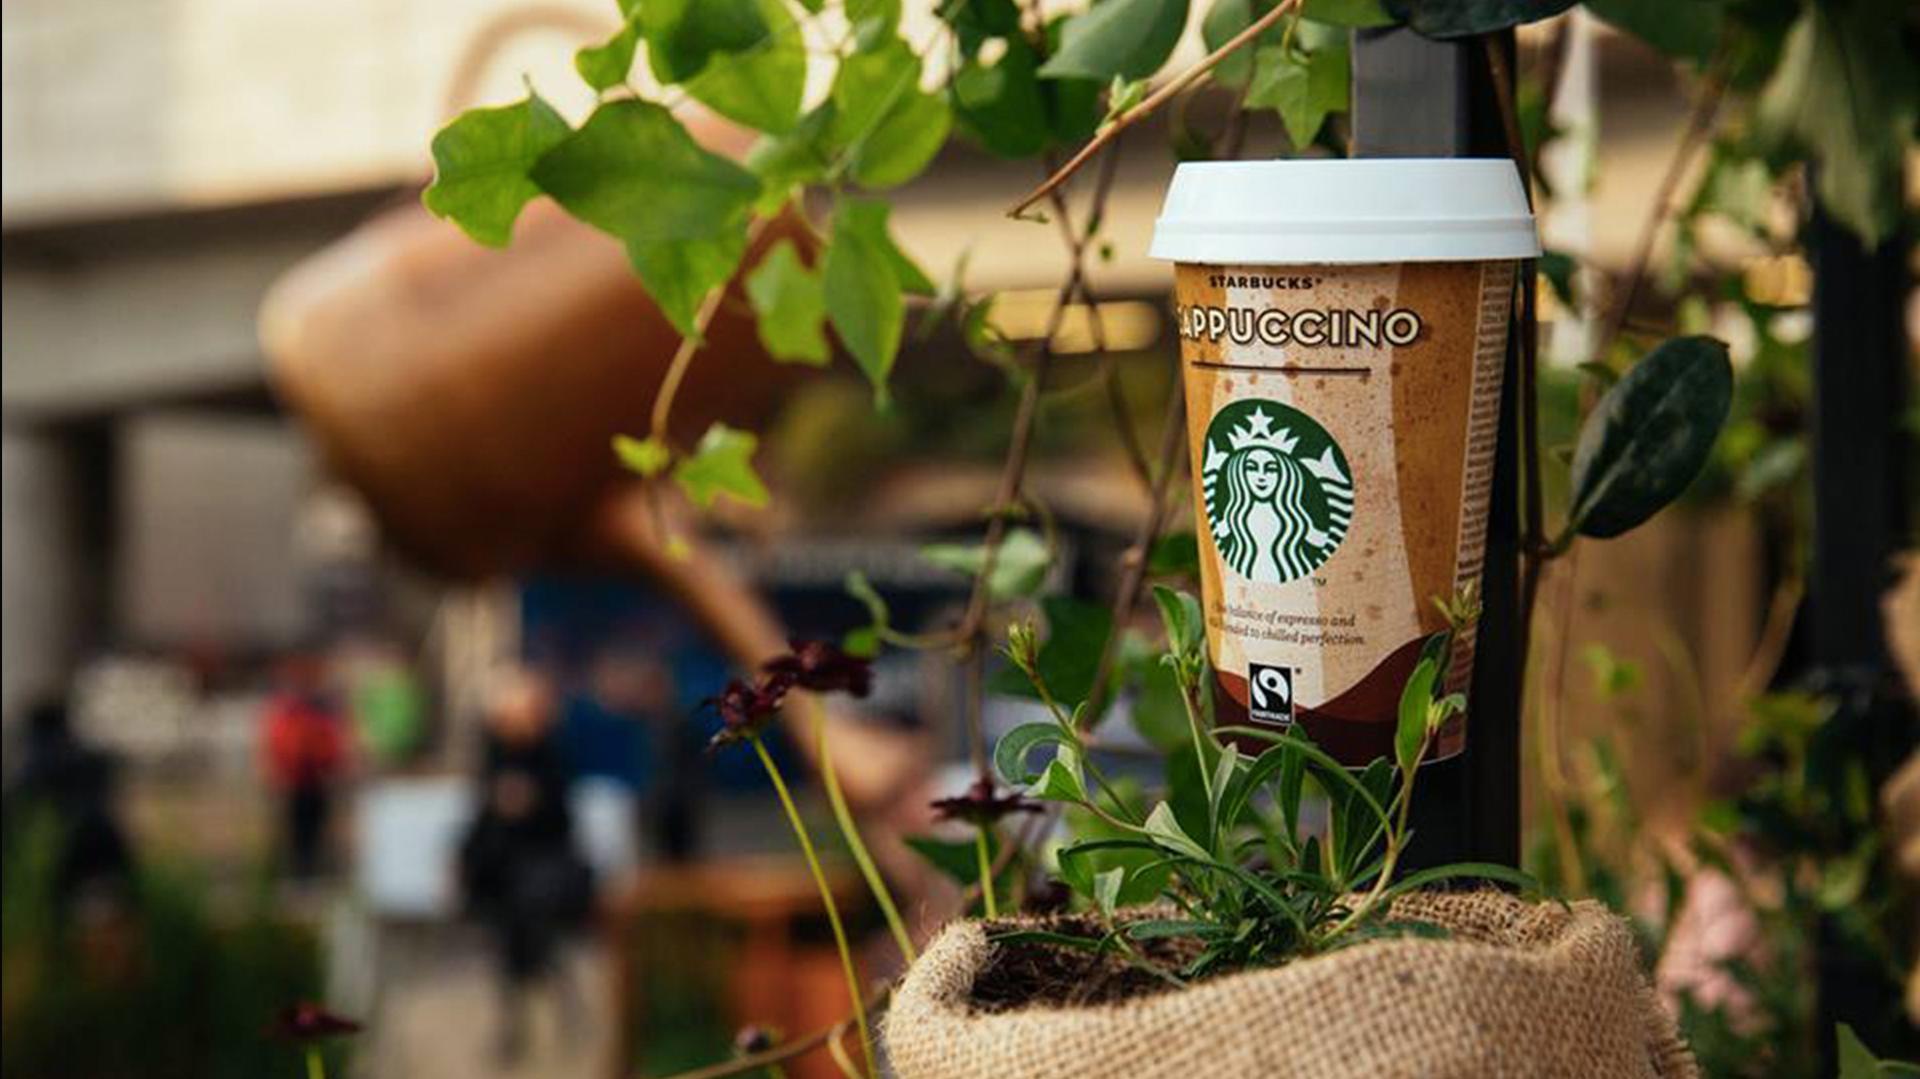 Starbucks Garden 1